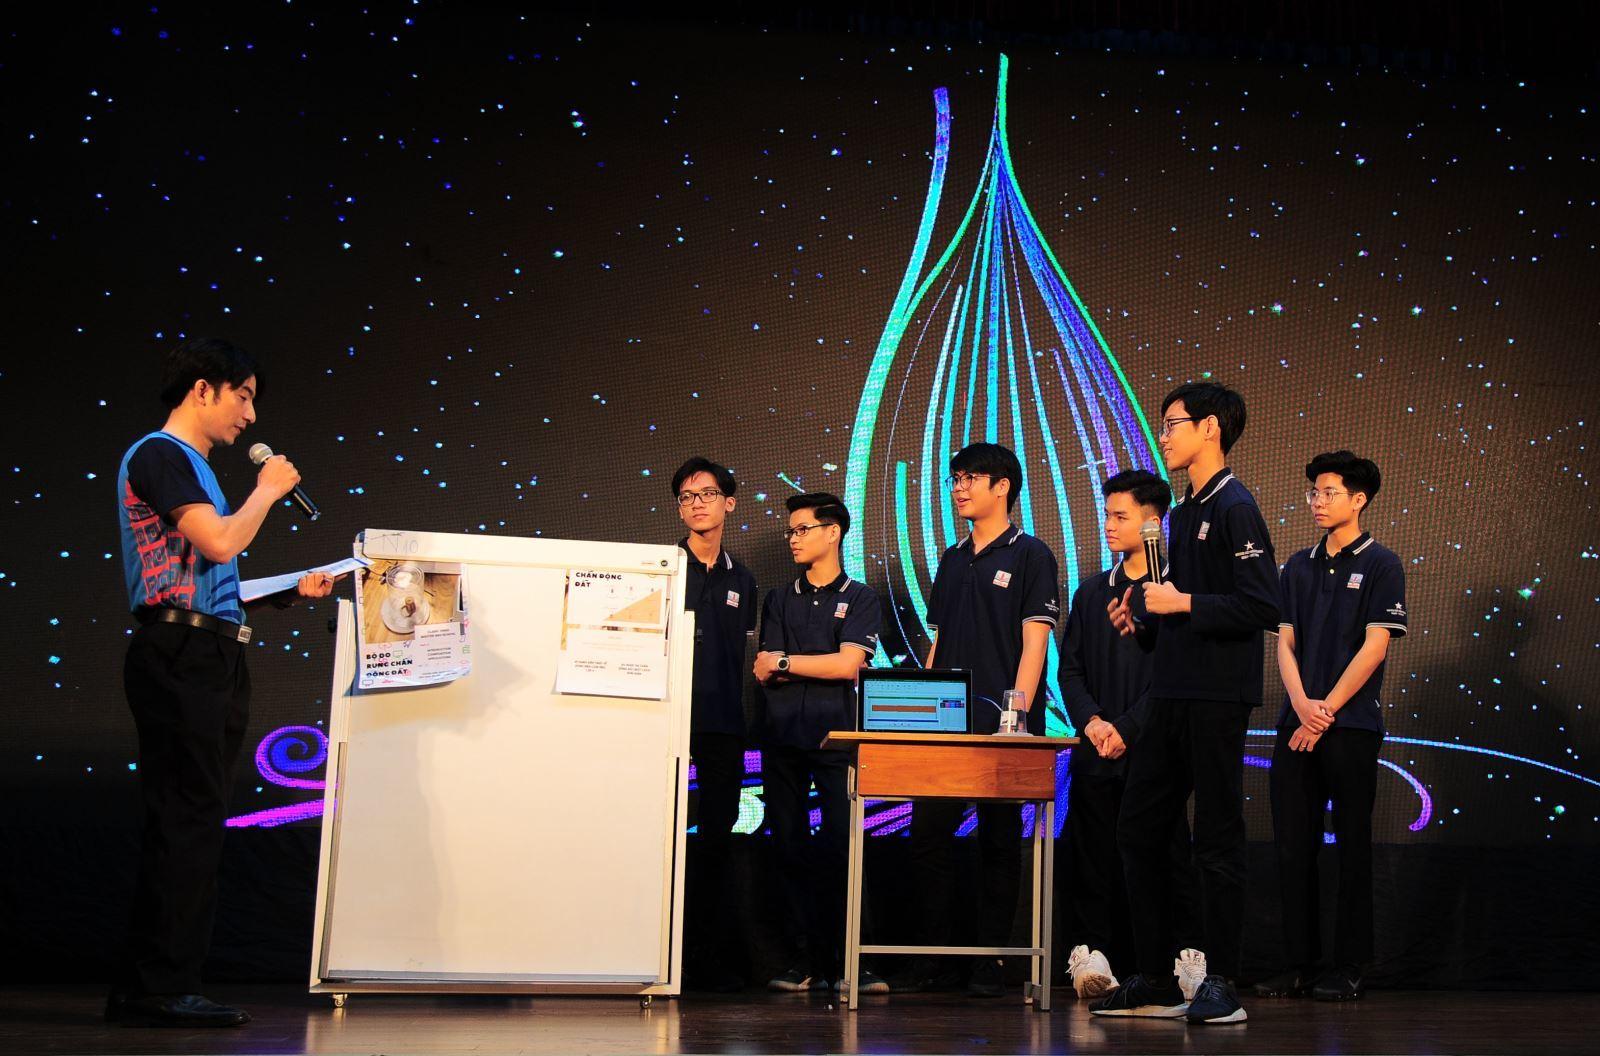 Học sinh Hà Nội biểu diễn bàn tay lửa, cảnh báo động đất